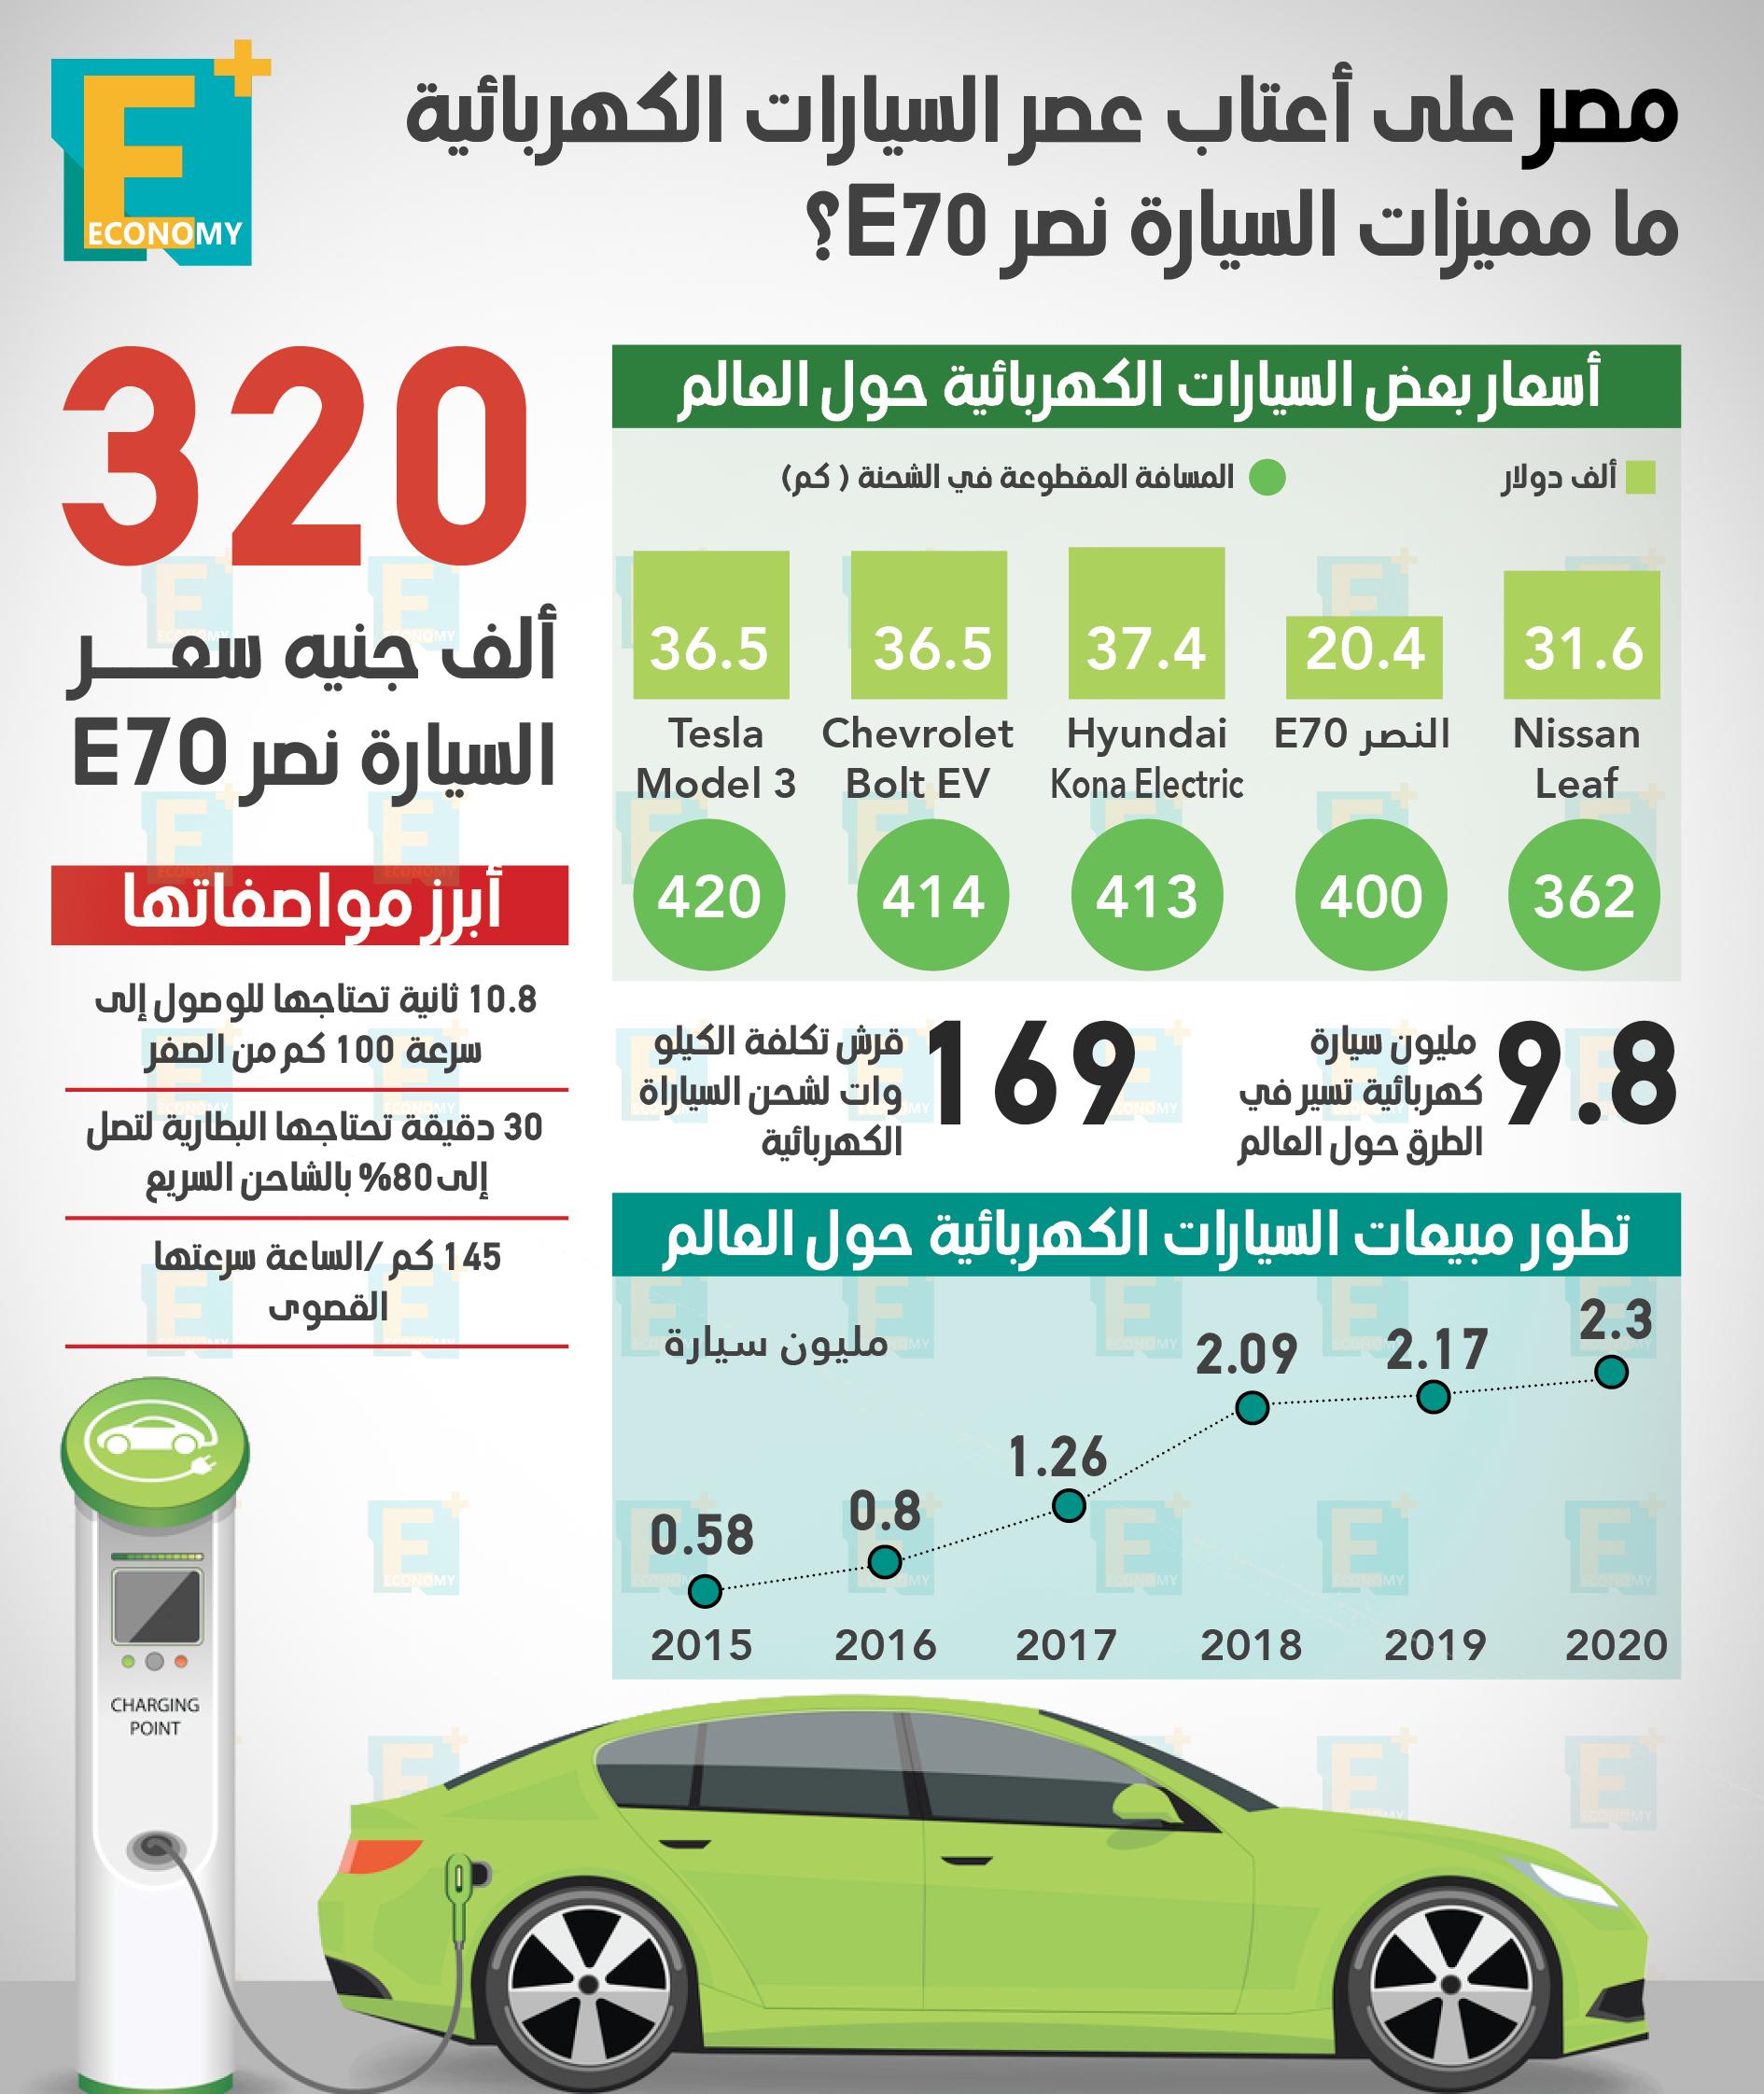 مصر على أعتاب عصر السيارات الكهربائية